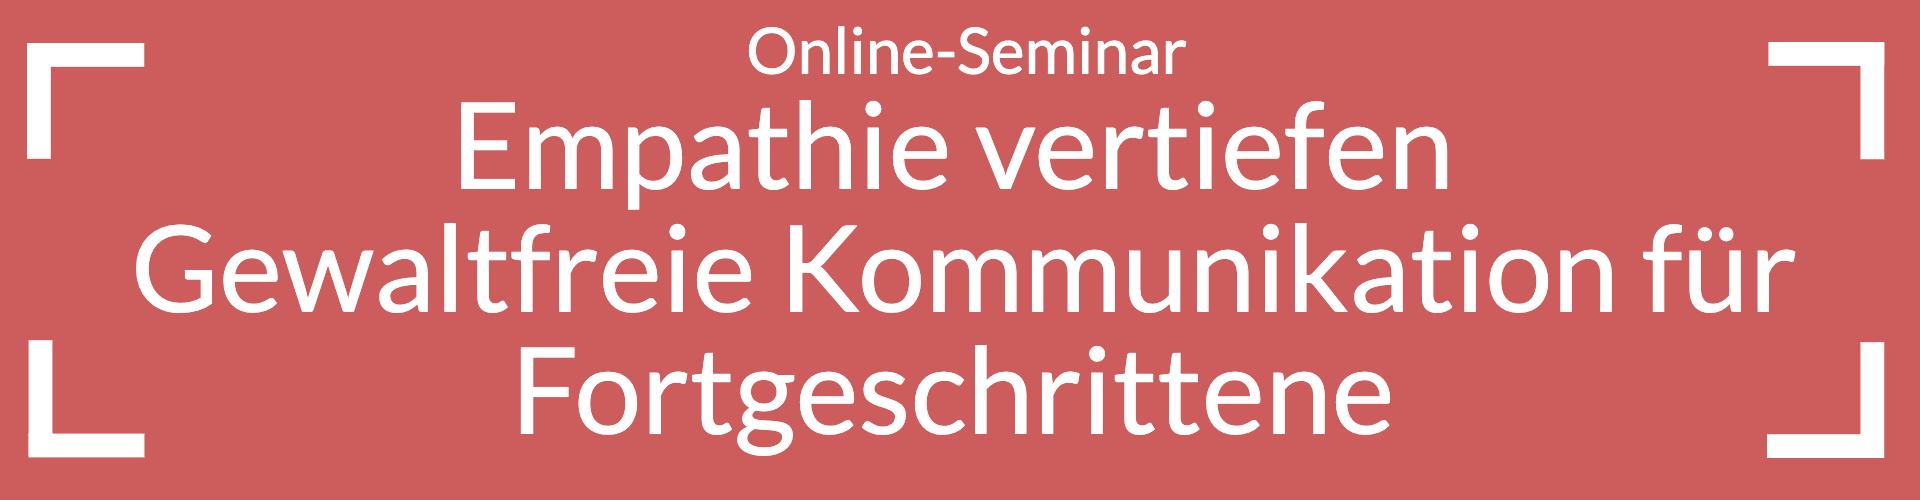 Online-Seminar Empathie vertiefen